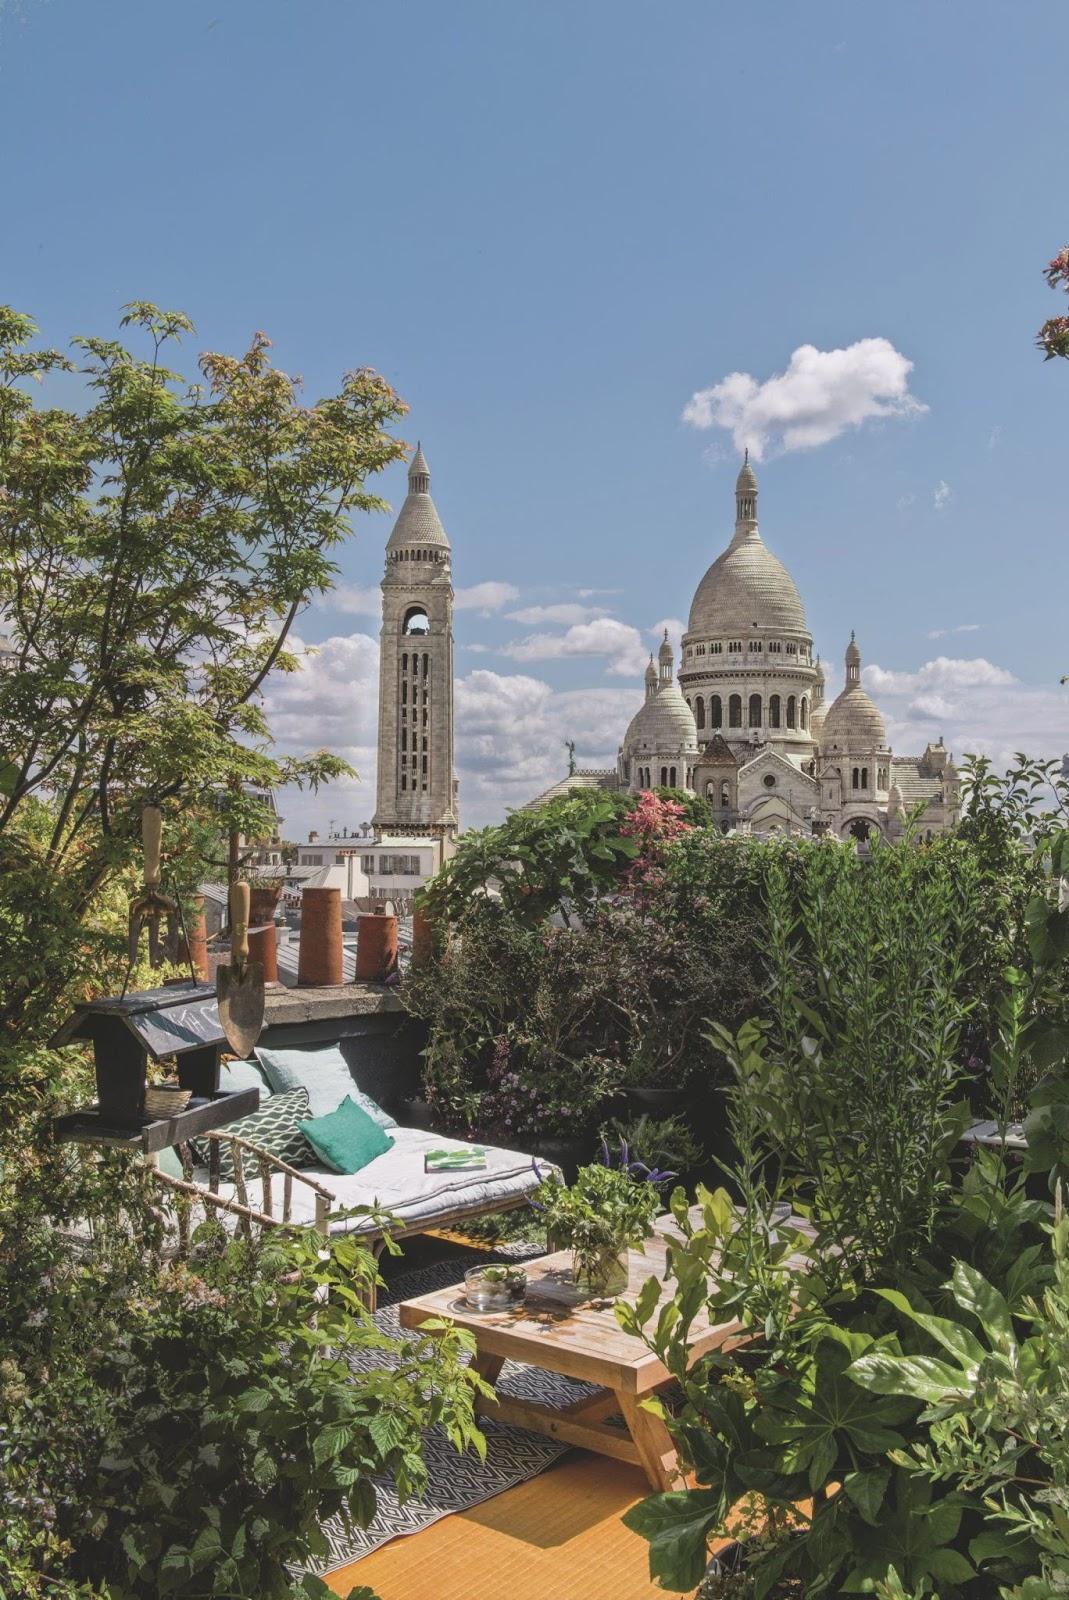 Apartamento en París con jardín urbano en el tejado.